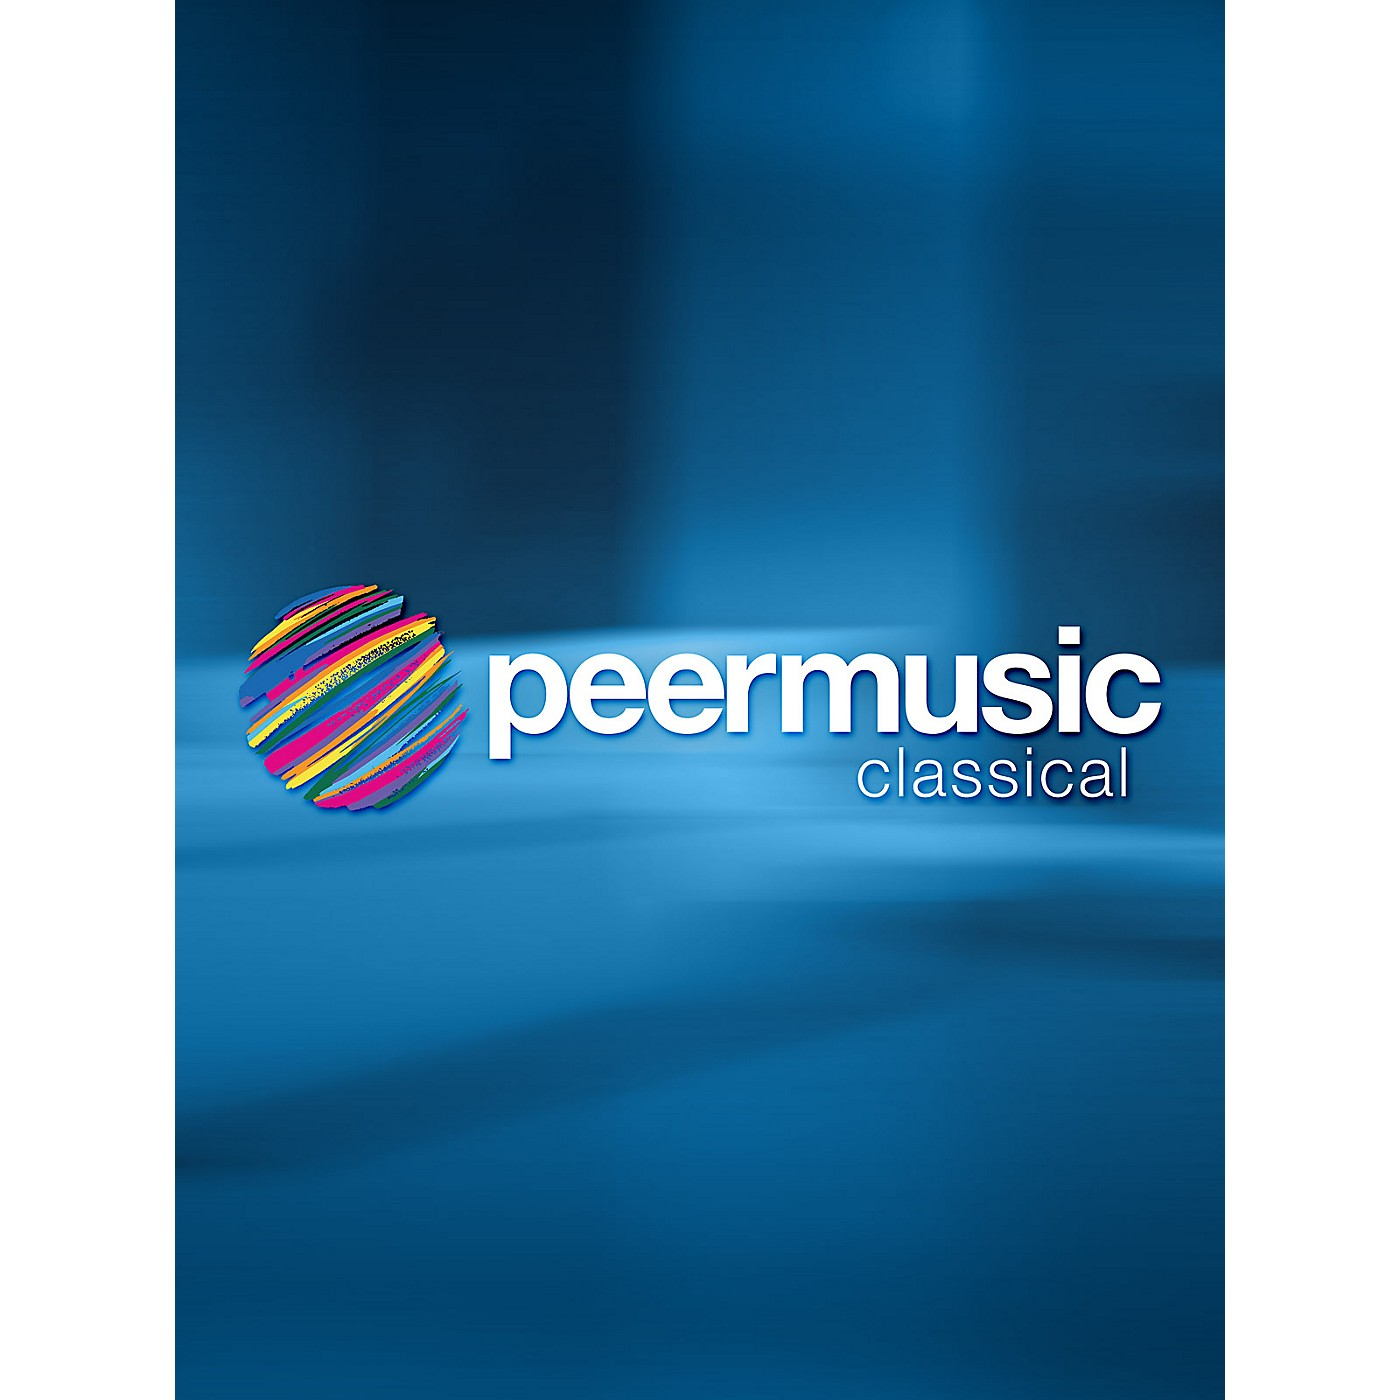 Peer Music Largo Risoluto No. 2 (Piano Quintet) Peermusic Classical Series thumbnail